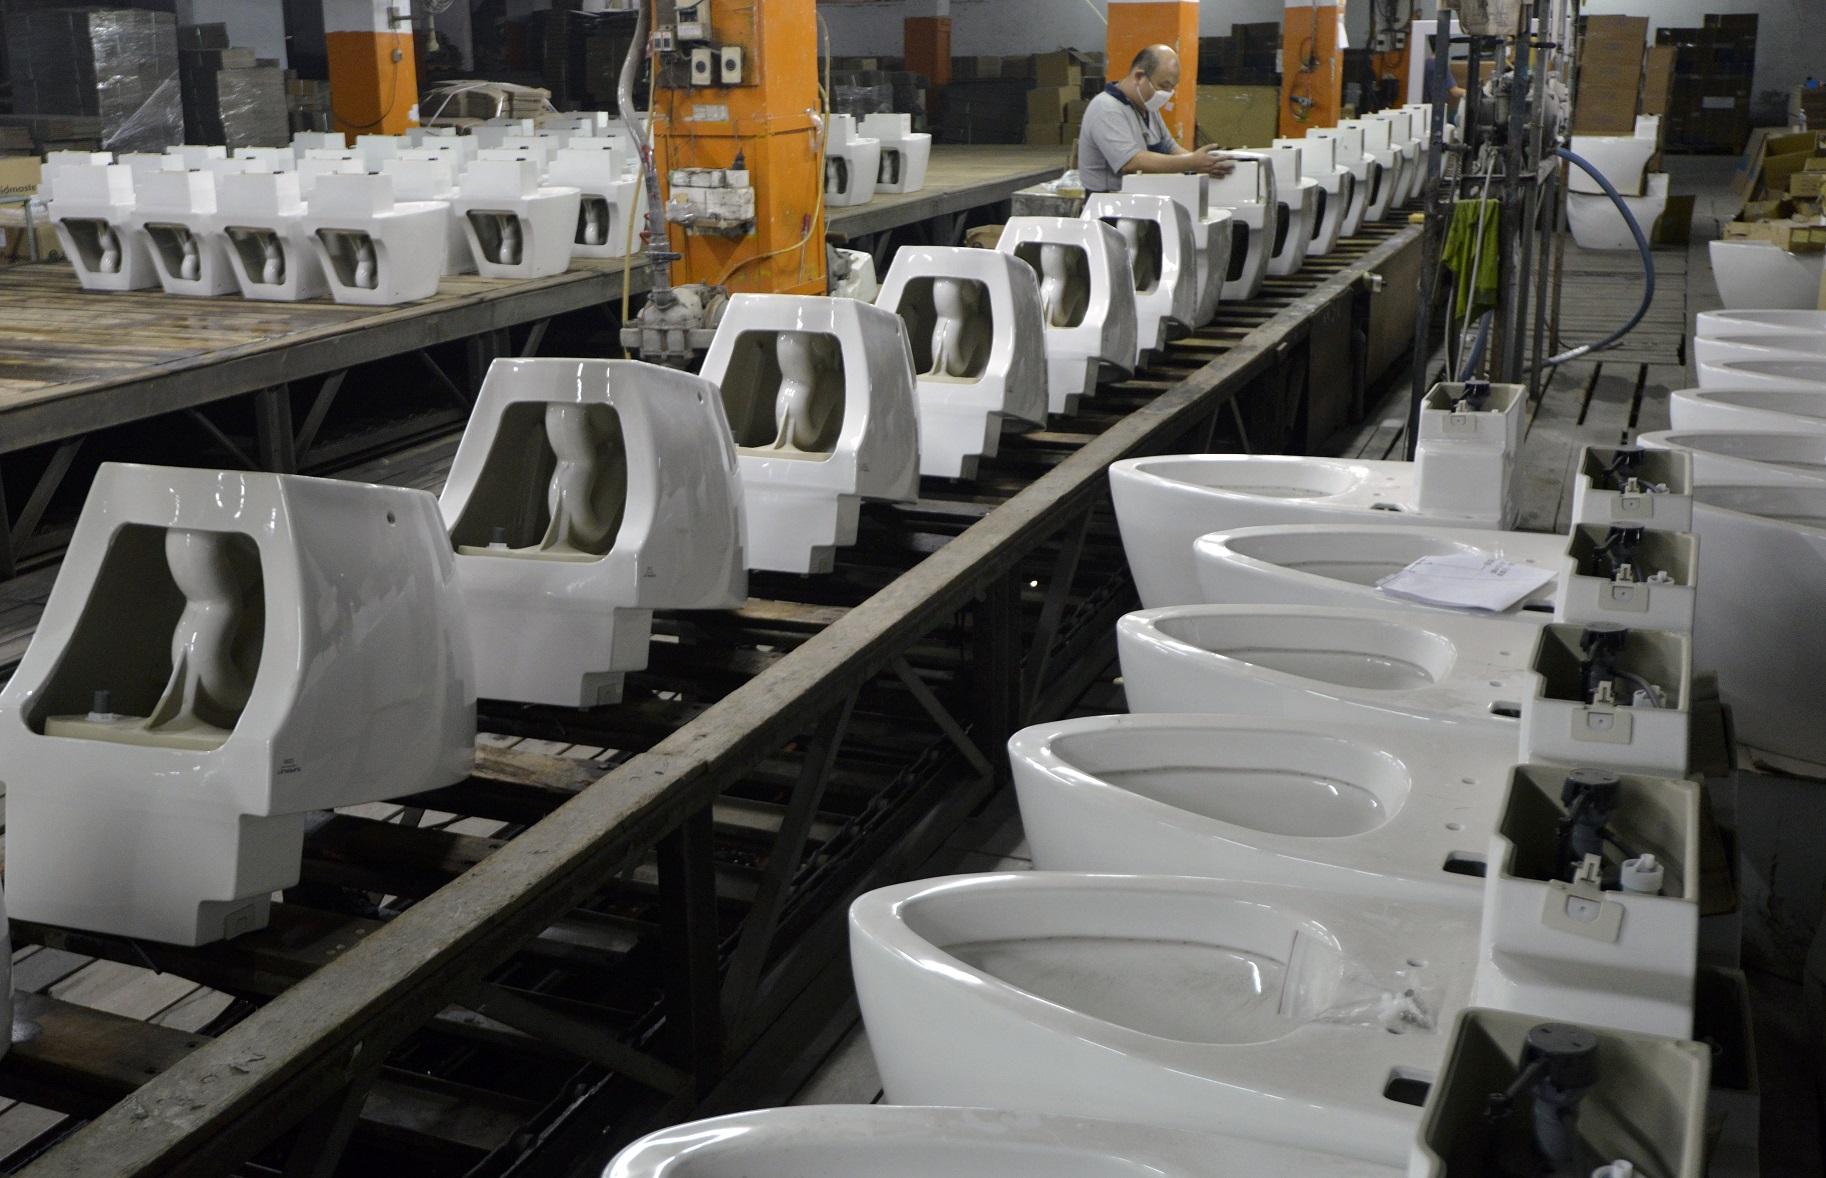 Fábrica de vasos sanitários em Taiwan. Foto de Sam Yeh/AFP